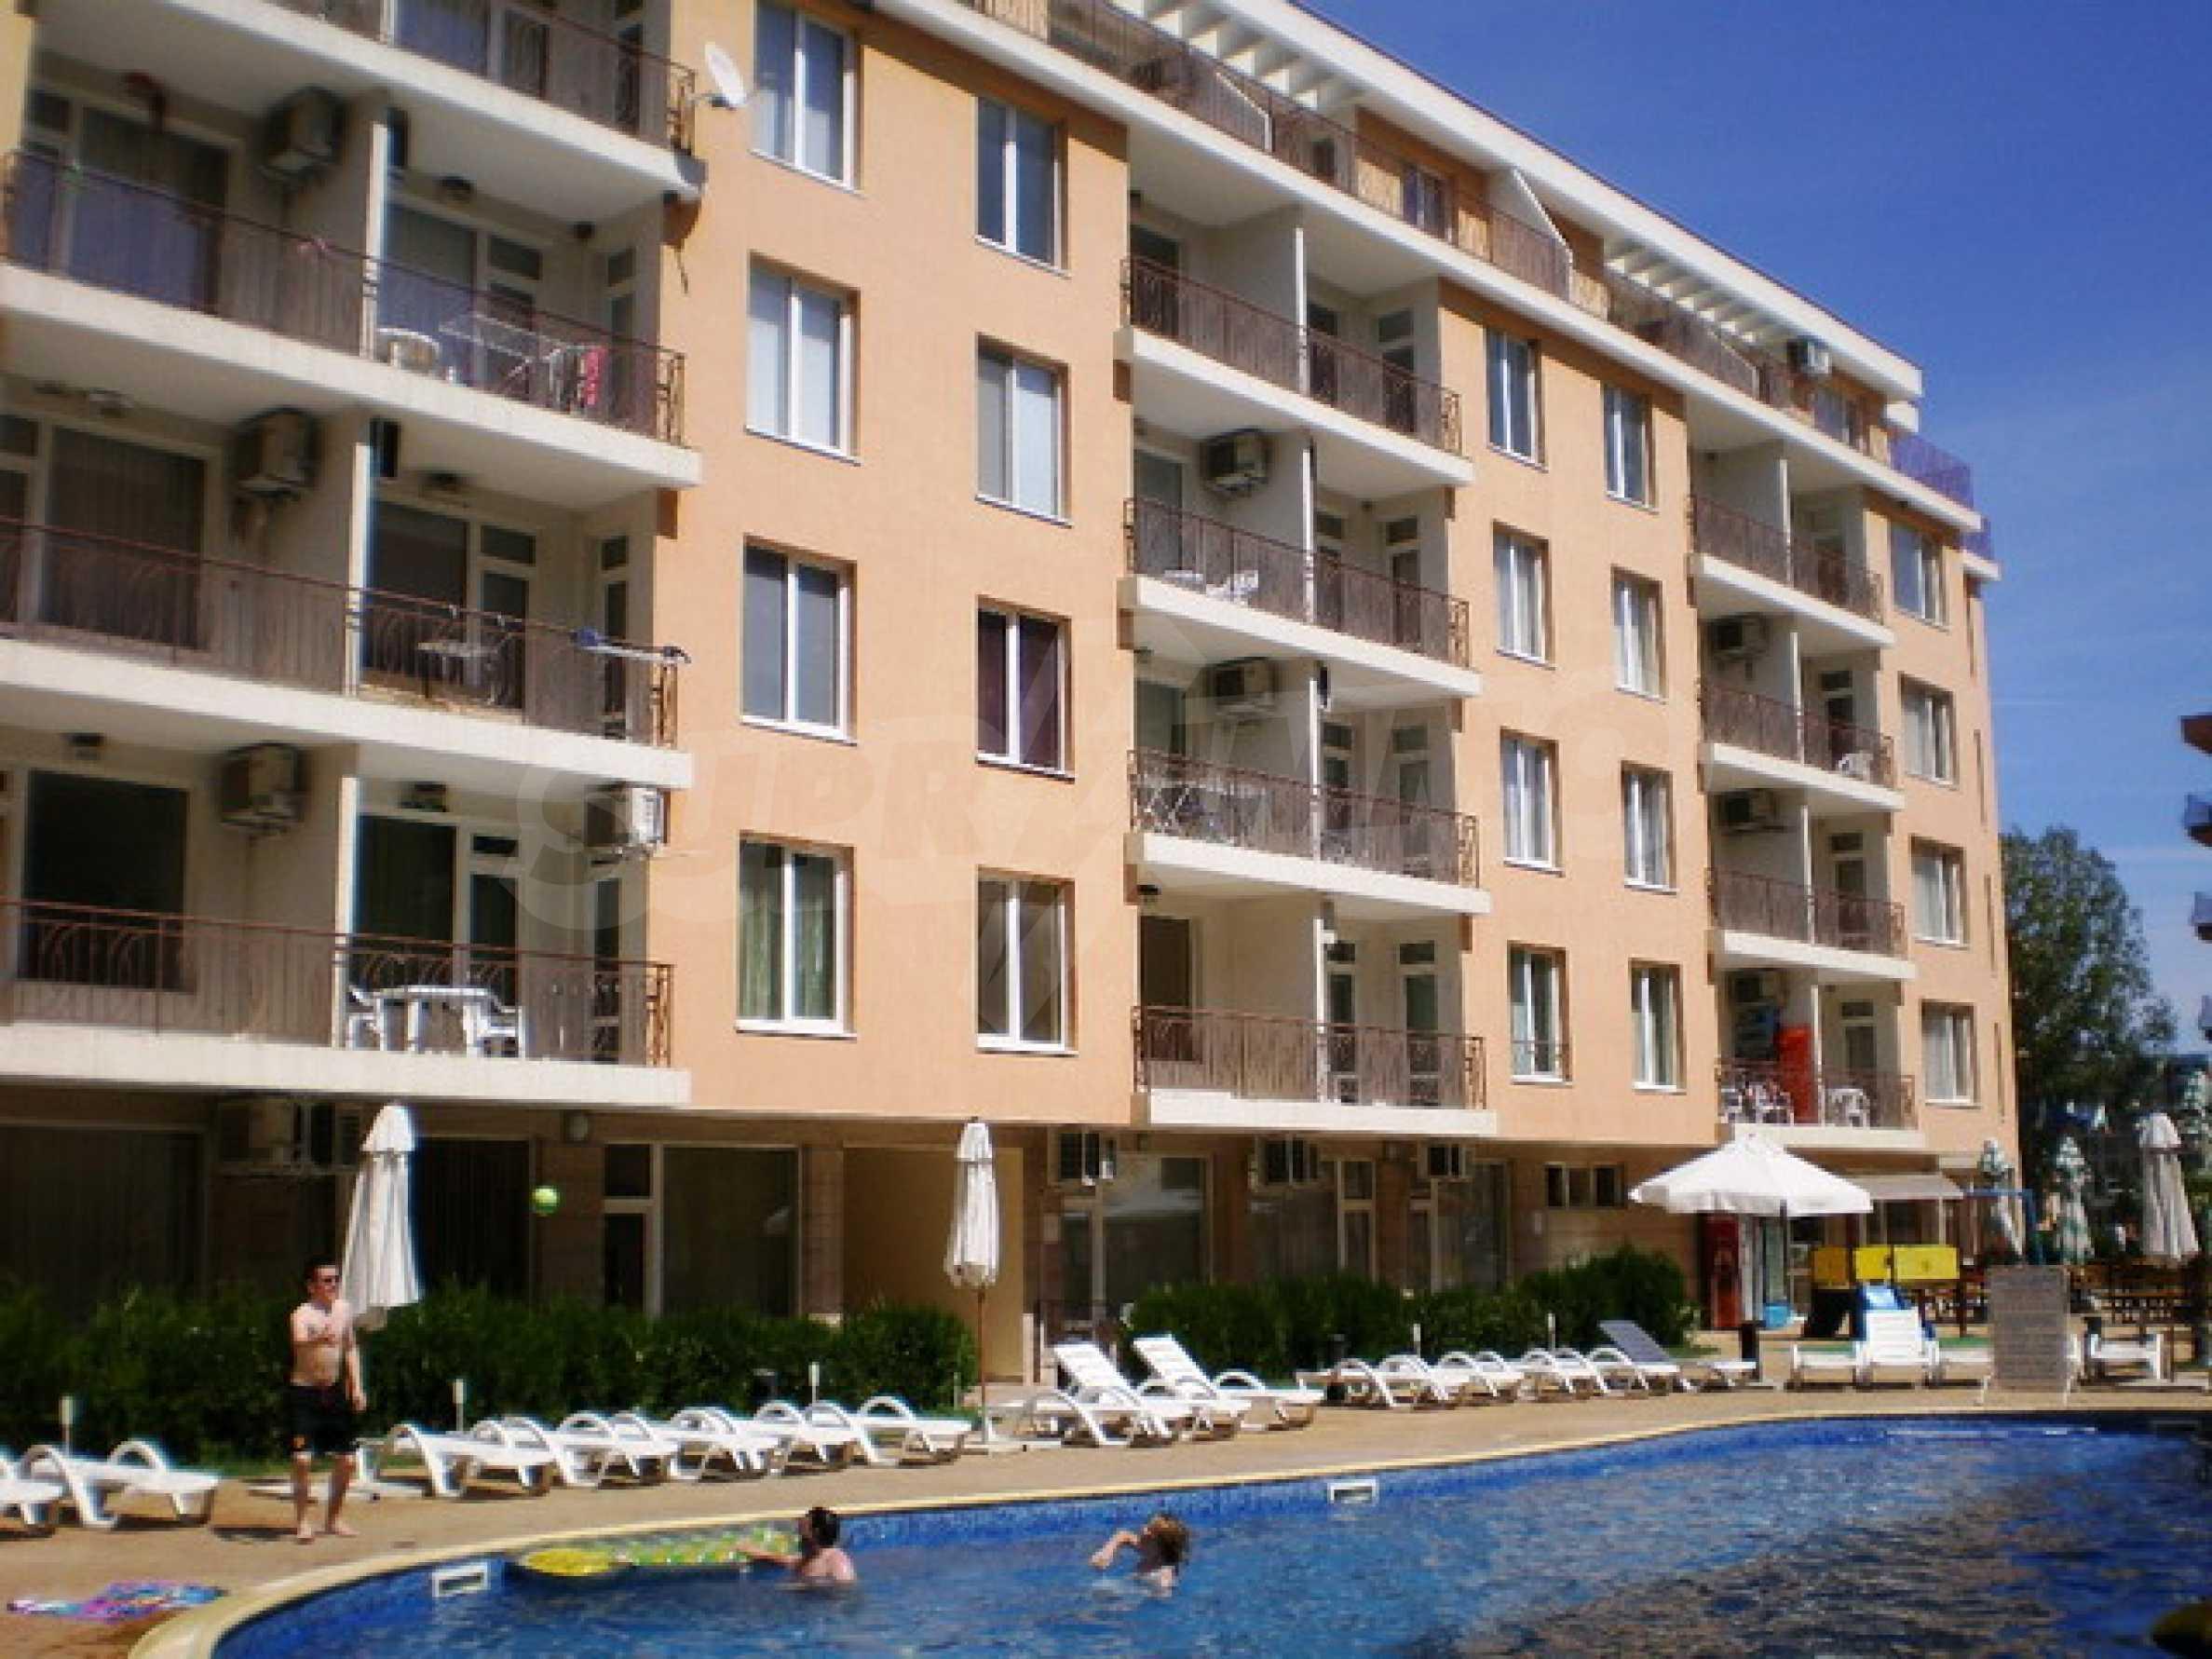 Трёхкомнатная квартира в комплексе Sunny Day 2 7